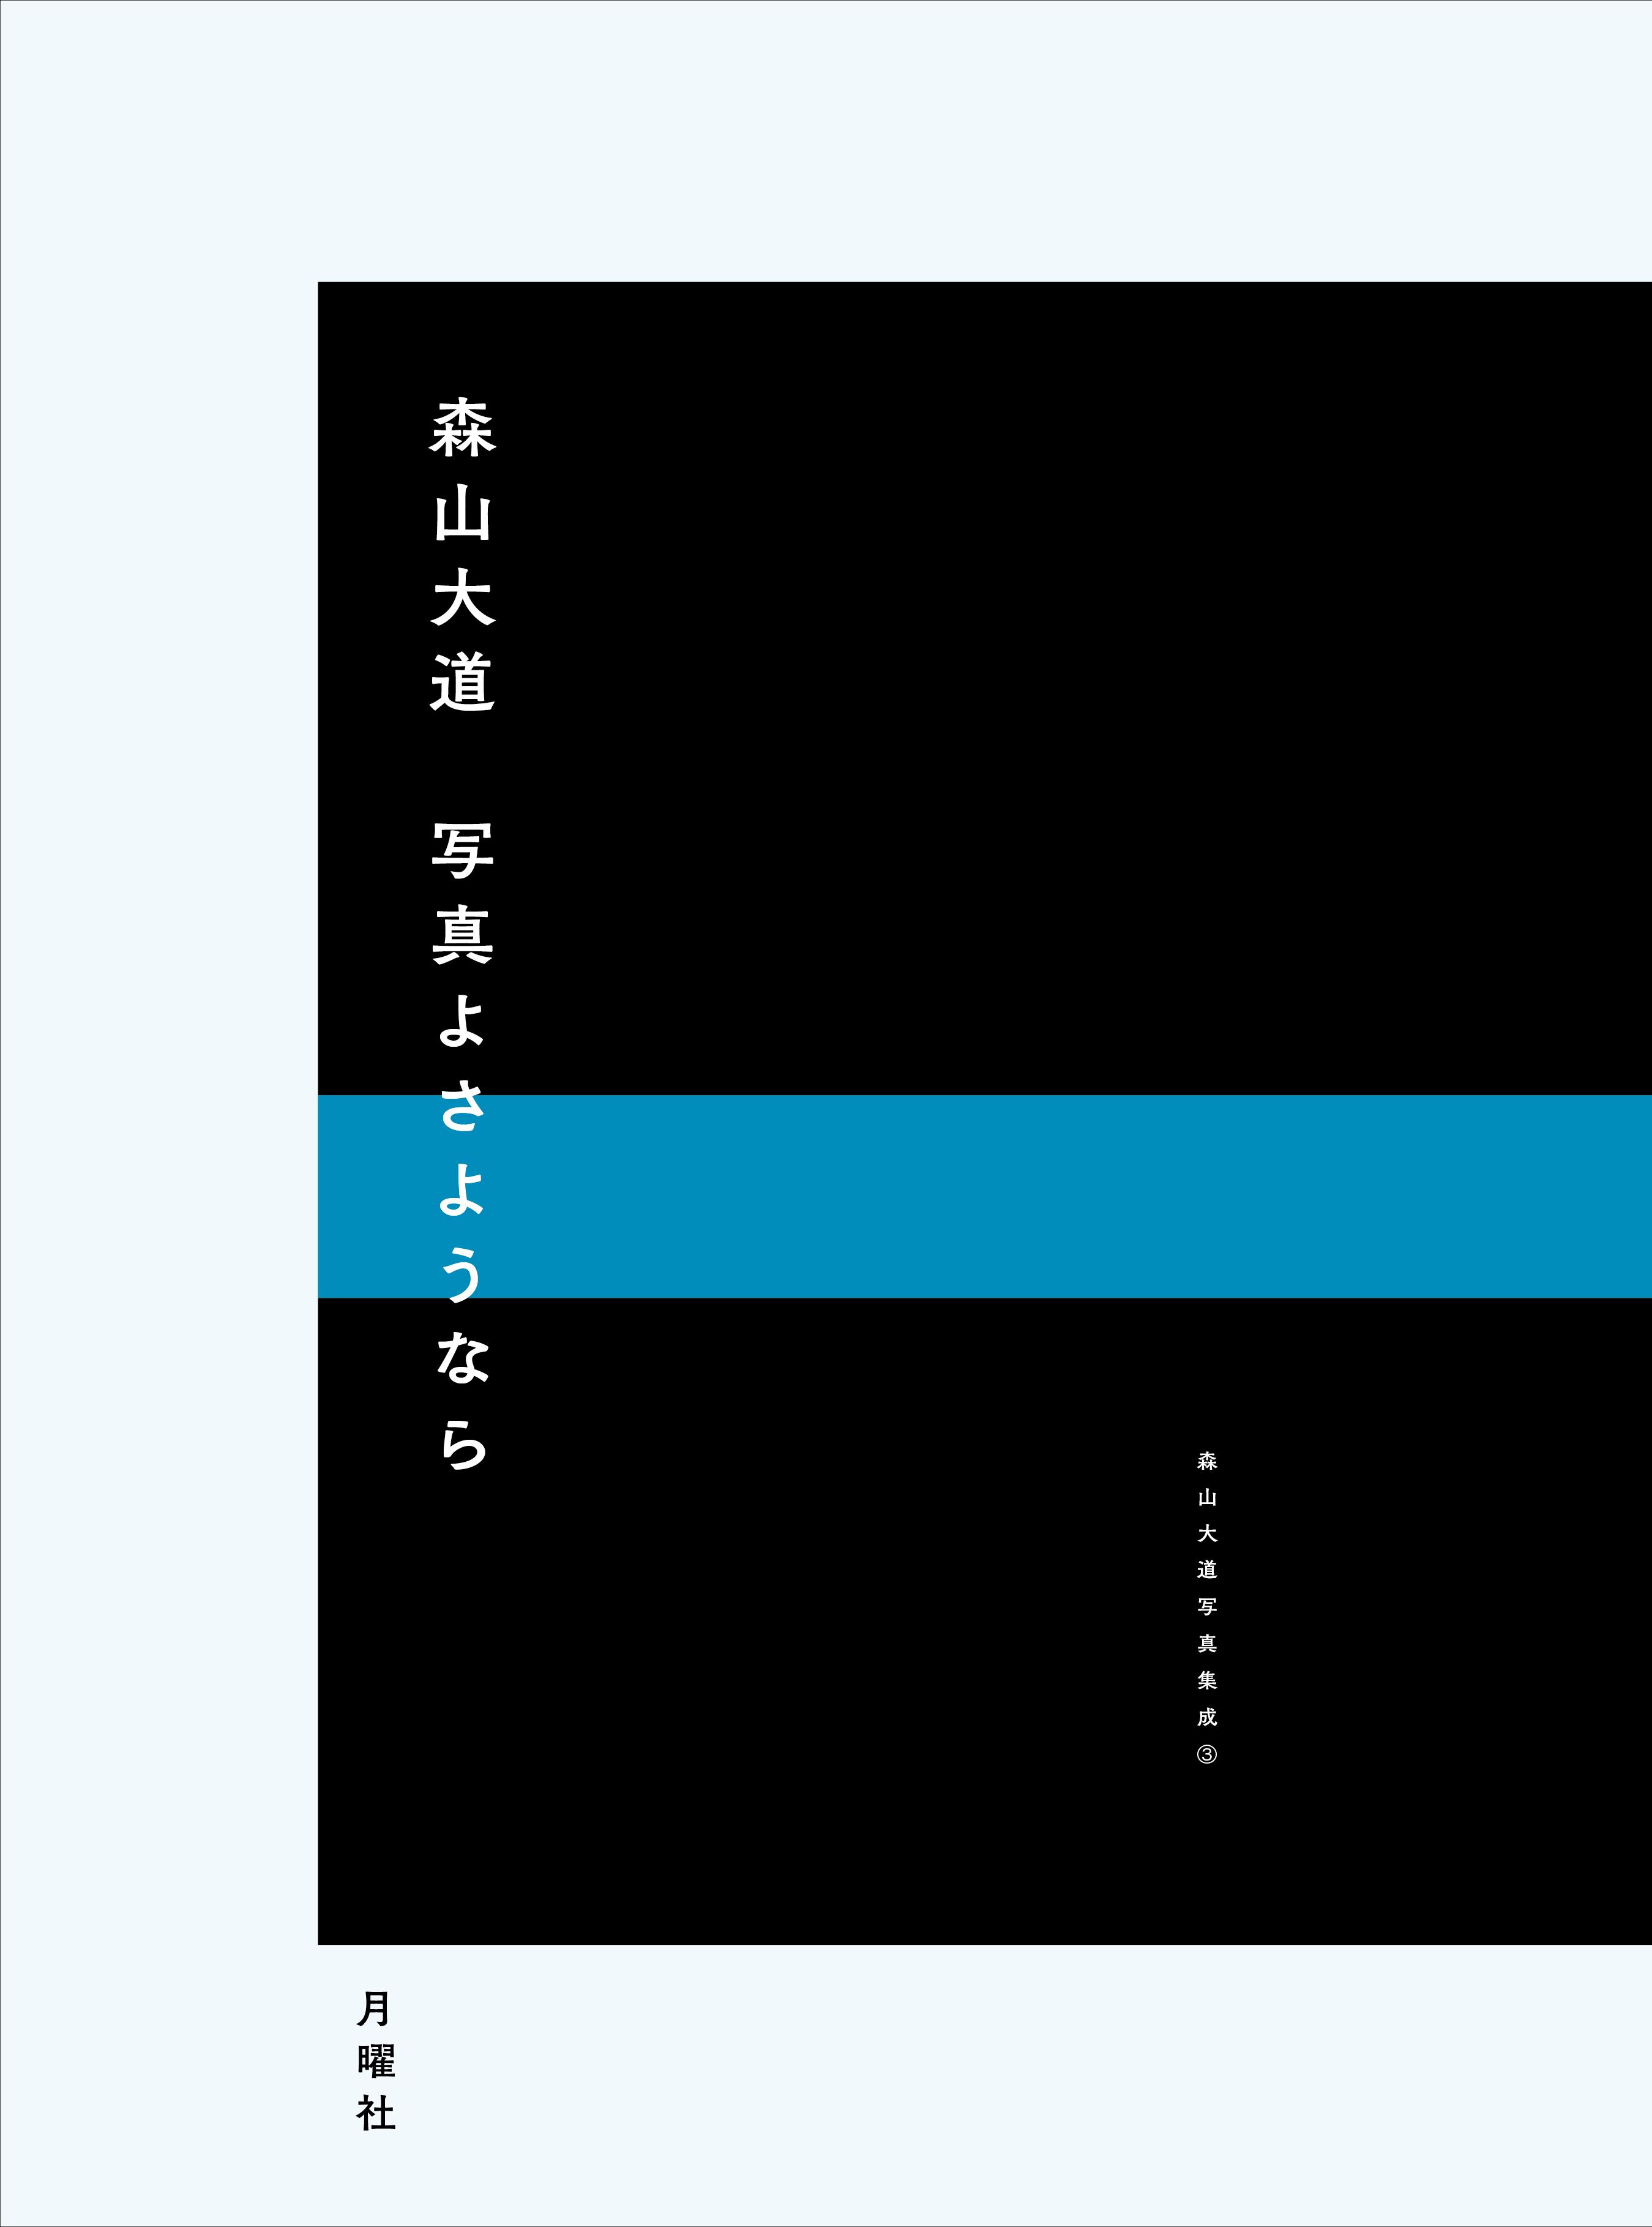 月曜社2019年12月新刊:『森山大道写真集成(3)写真よさようなら』_a0018105_11520642.jpg